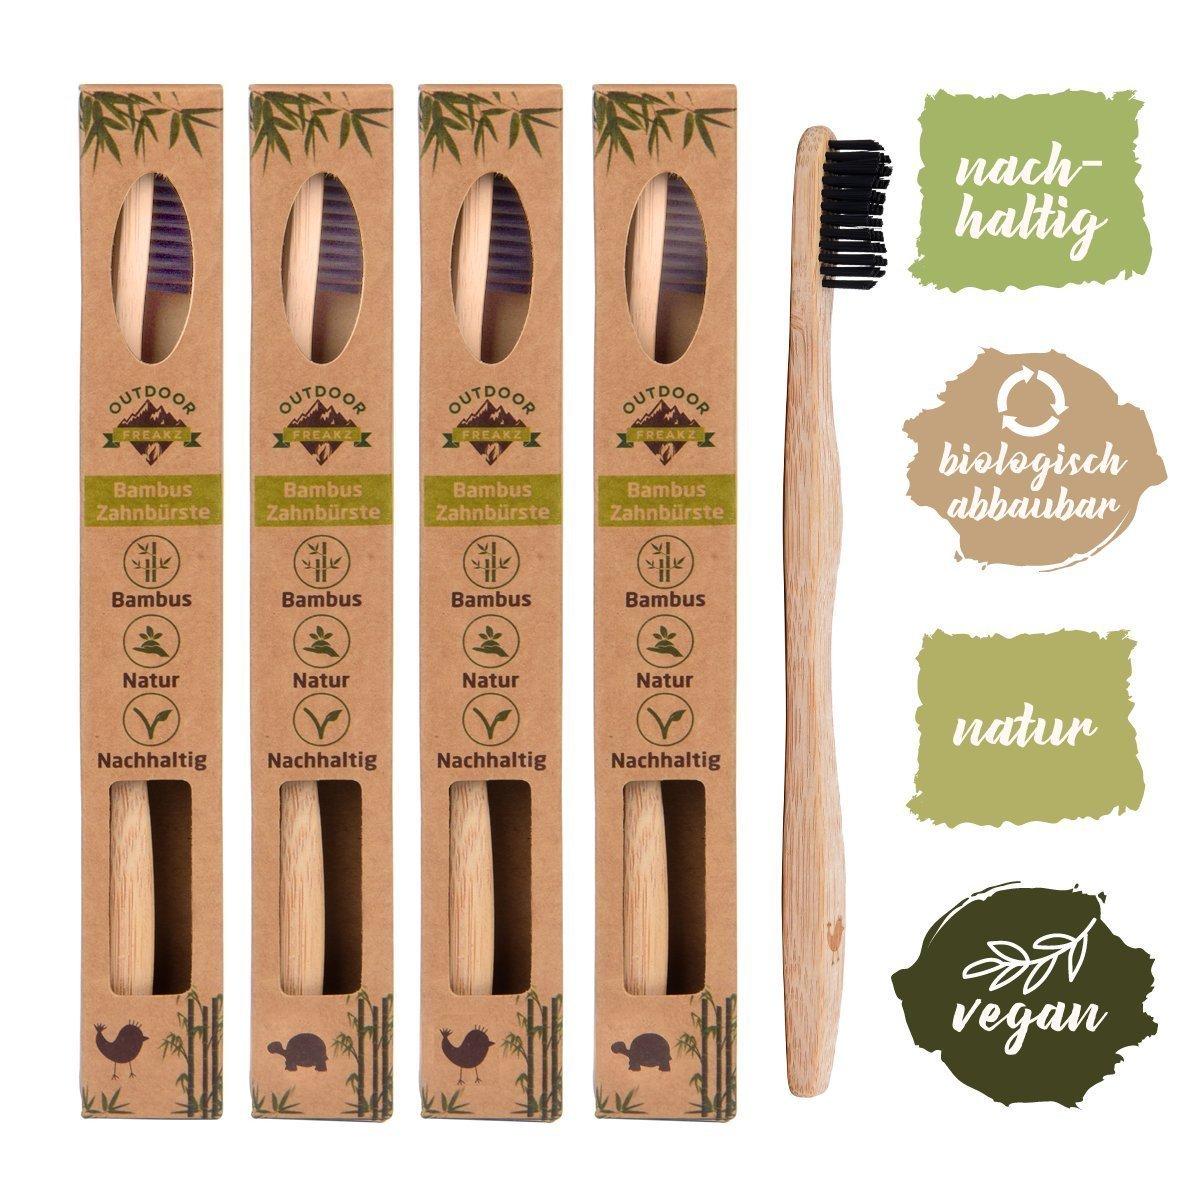 Set de 4 cepillos de dientes madera de Bambú, vegano , biológico , biodegradable,